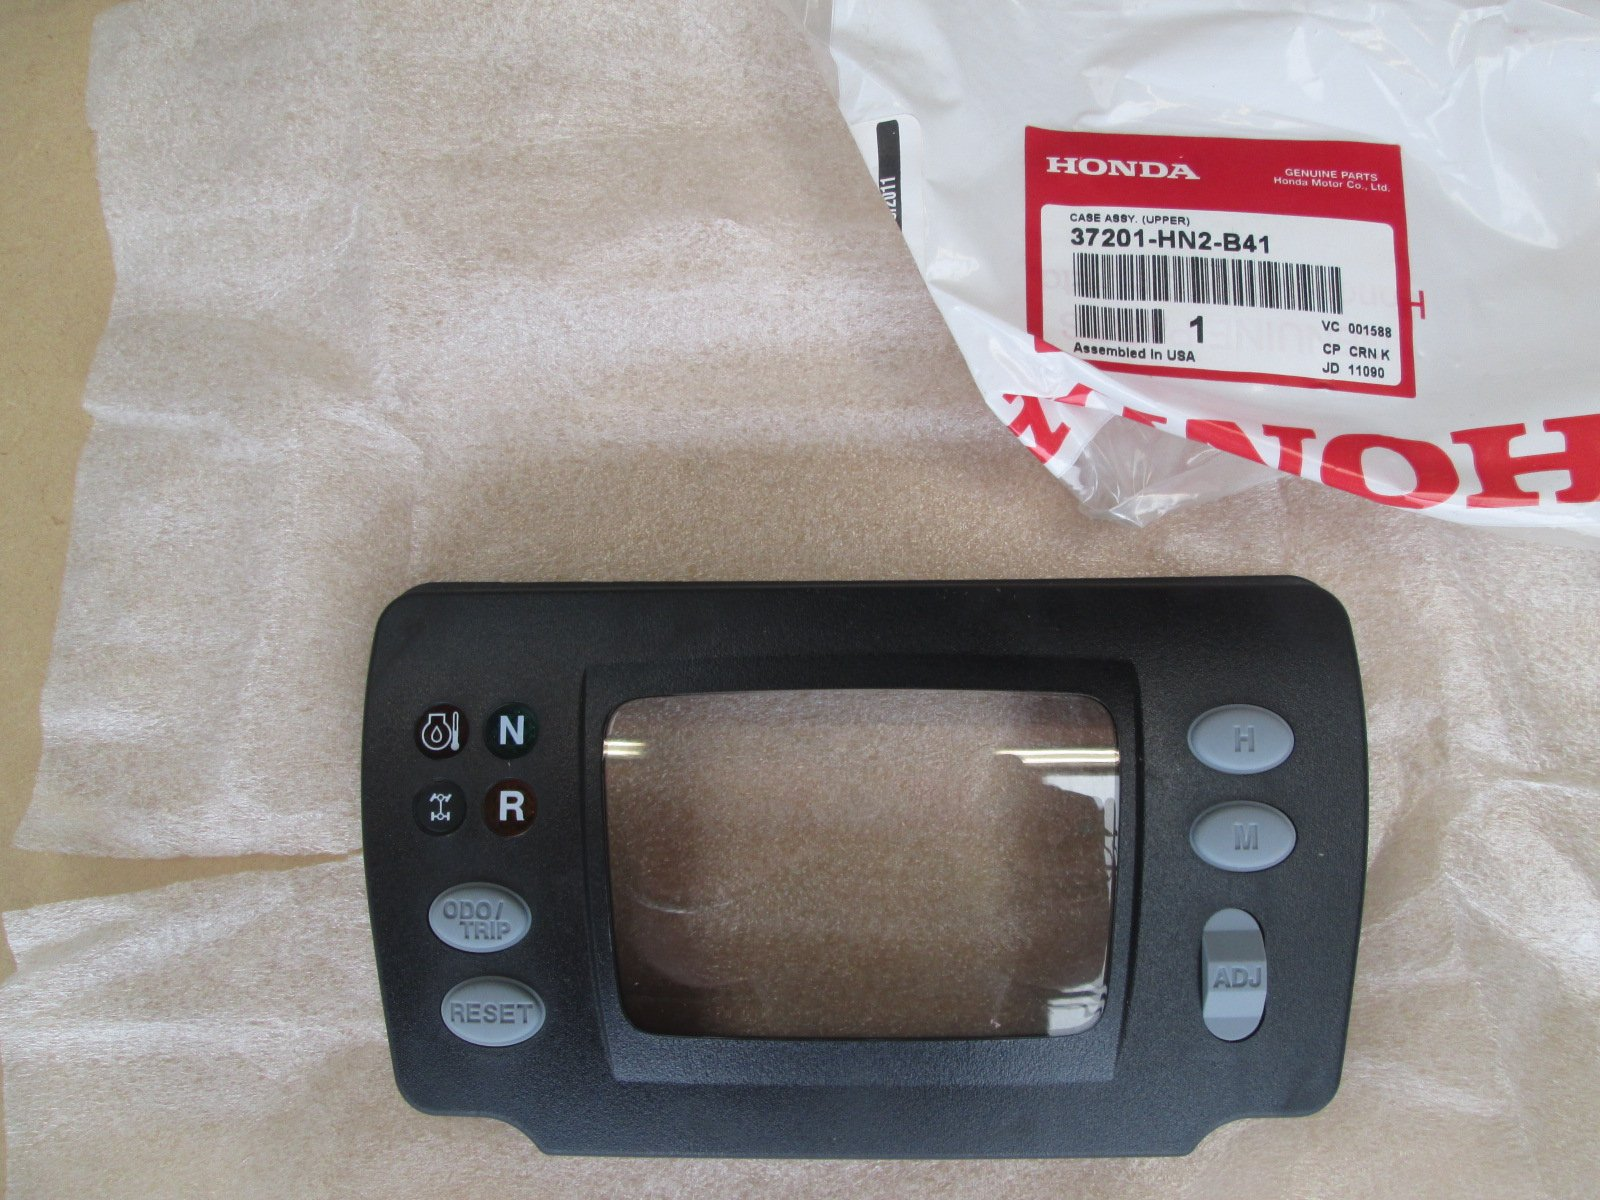 Genuine Honda 2005-2013 Speedo Cover37201-HN2-B41